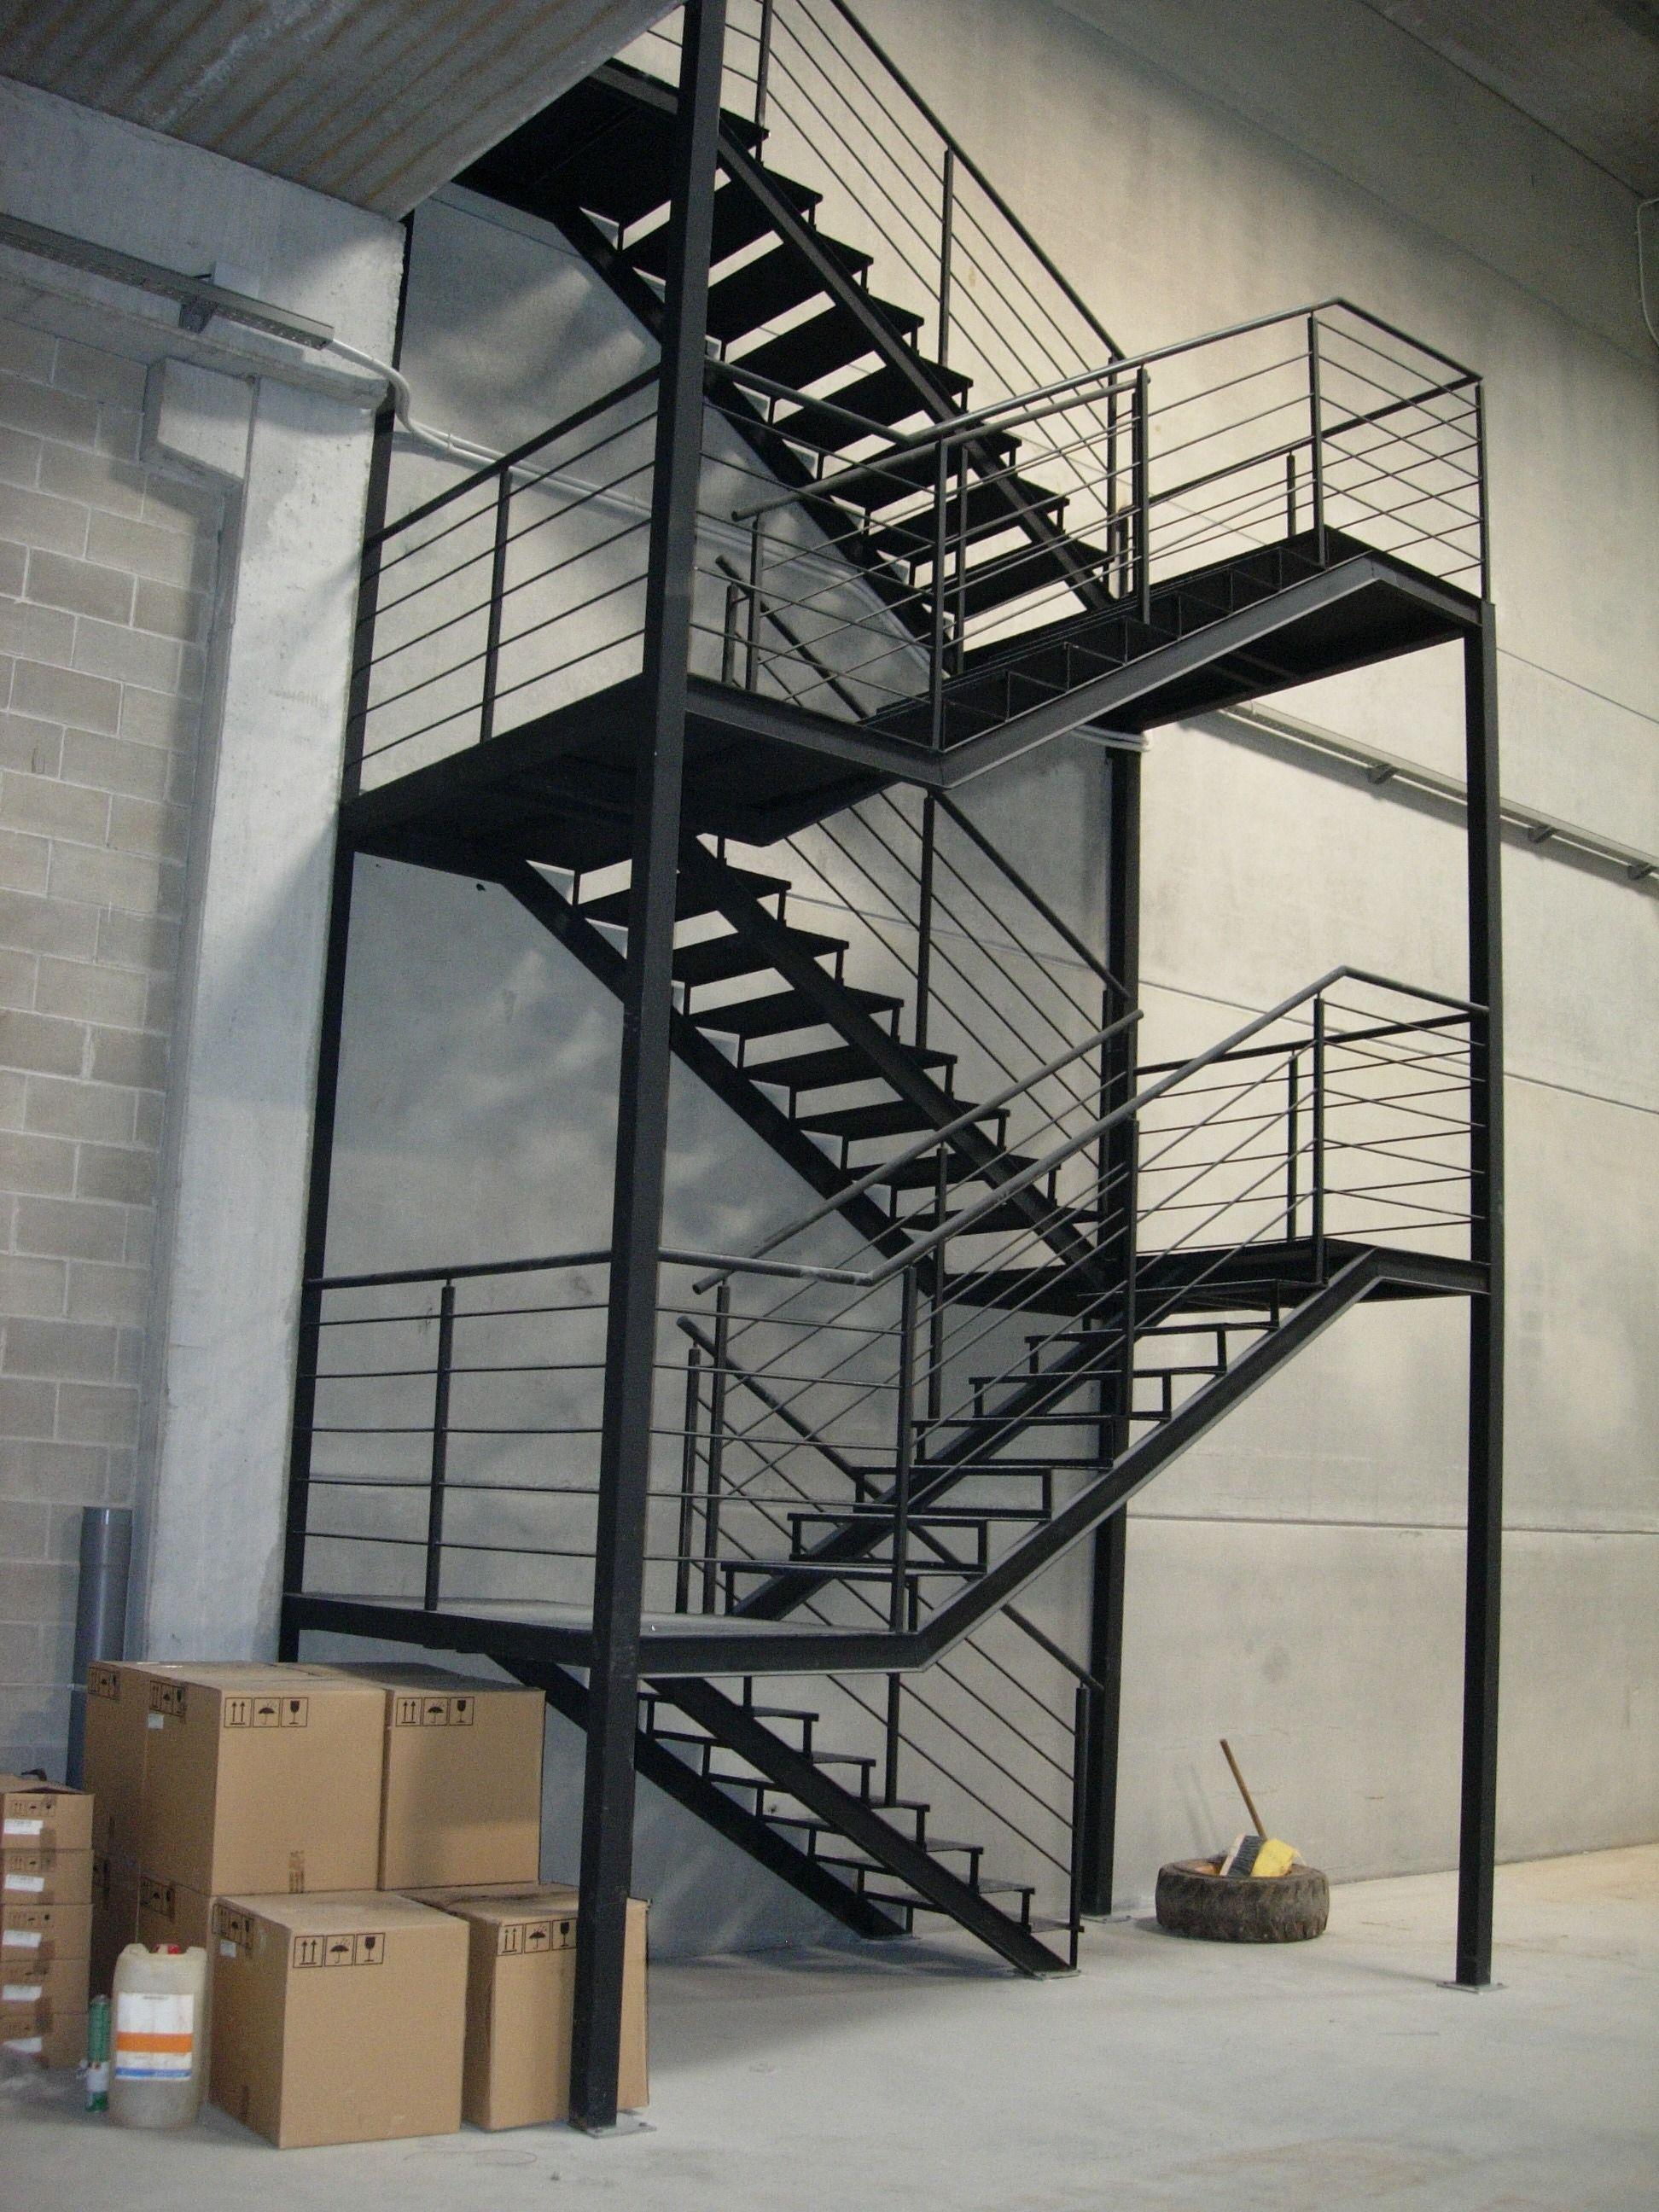 Escaleras para exterior escaleras de caracol escaleras for Escalera plegable aluminio sodimac